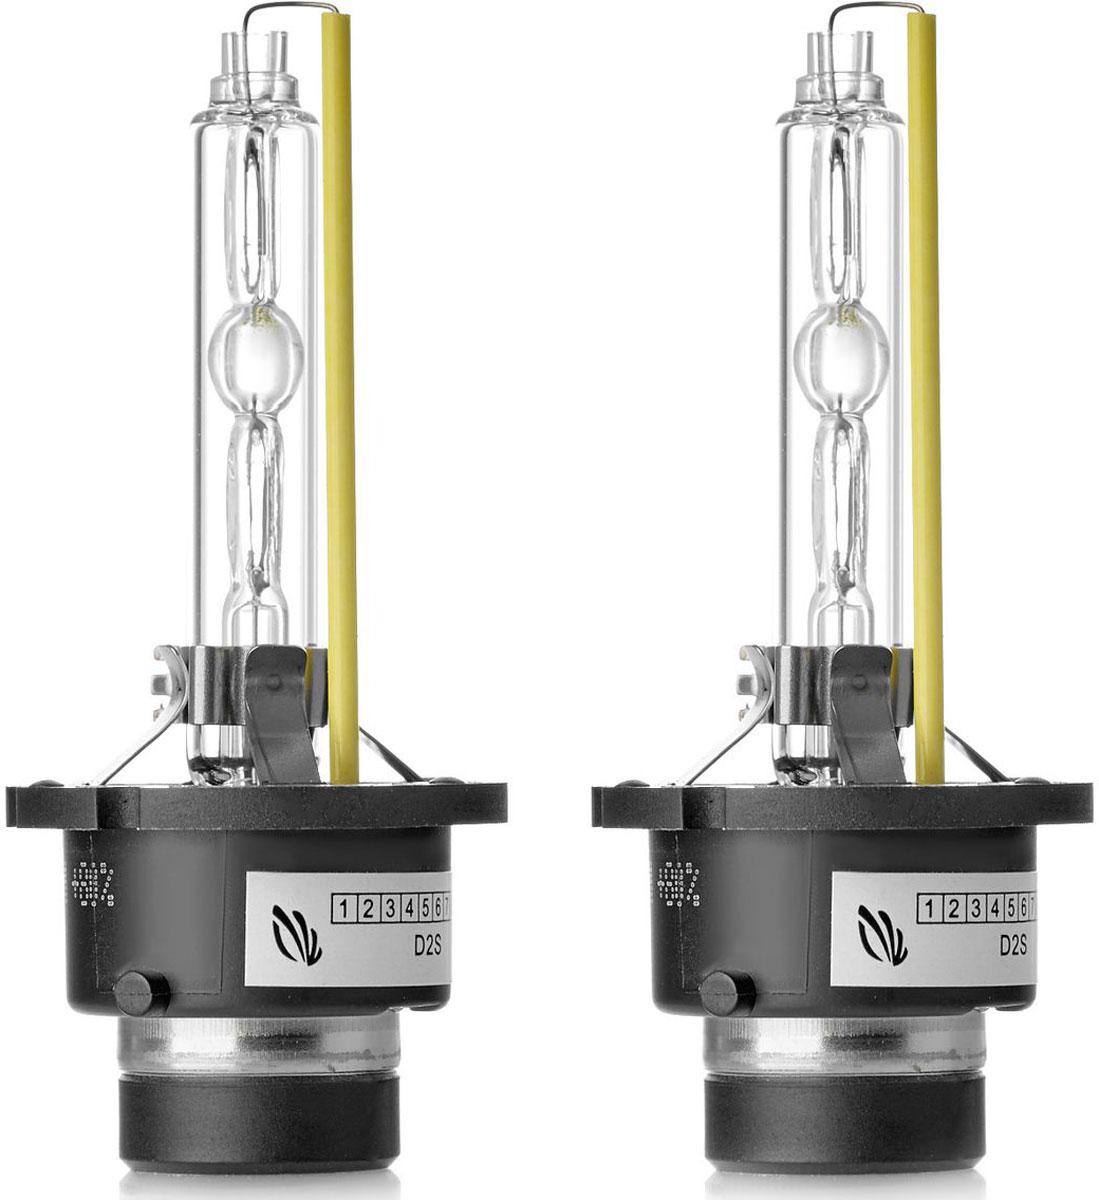 Лампа автомобильная ксеноновая Clearlight Xenon Premium+150%, цоколь D2R, 5000 К, 35 Вт, 2 штPCL D2R 150-2XP-2Лампы Xenon Premium+150% подойдут для самых взыскательных покупателей. Высокая яркость лампы достигнута за счет применения инновационных технологий, позволивших увеличить давление газов внутри колбы лампы. +150% яркости, обзор +50 метров, кристально белый свет. Гарантия 2 года.